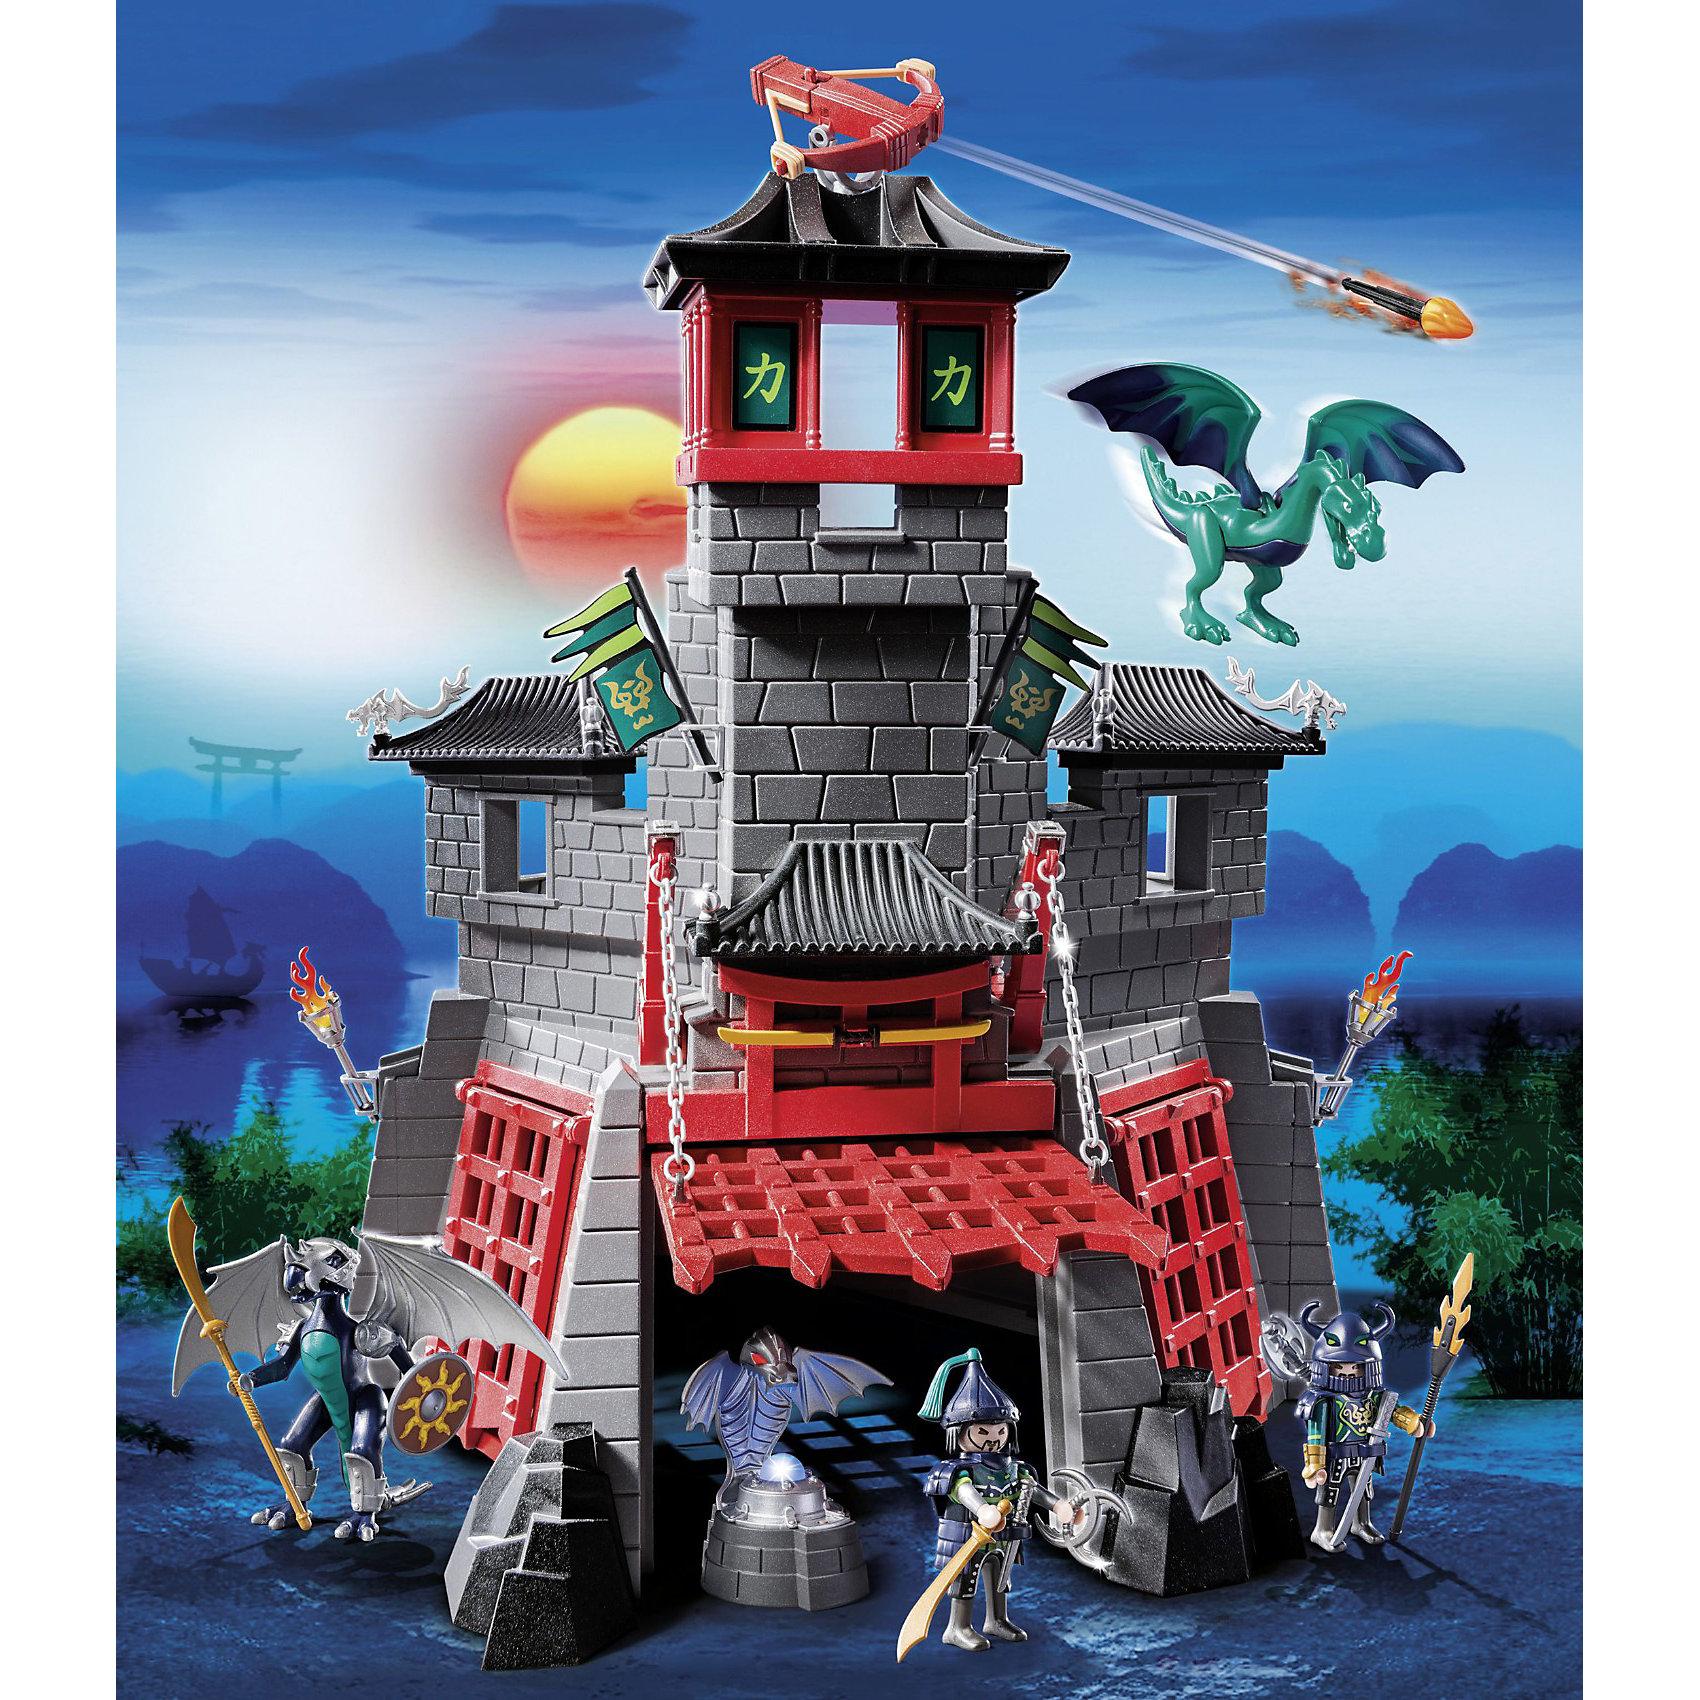 PLAYMOBIL® Секретный форт Дракона, PLAYMOBIL playmobil® playmobil 5289 секретный агент мега робот с бластером